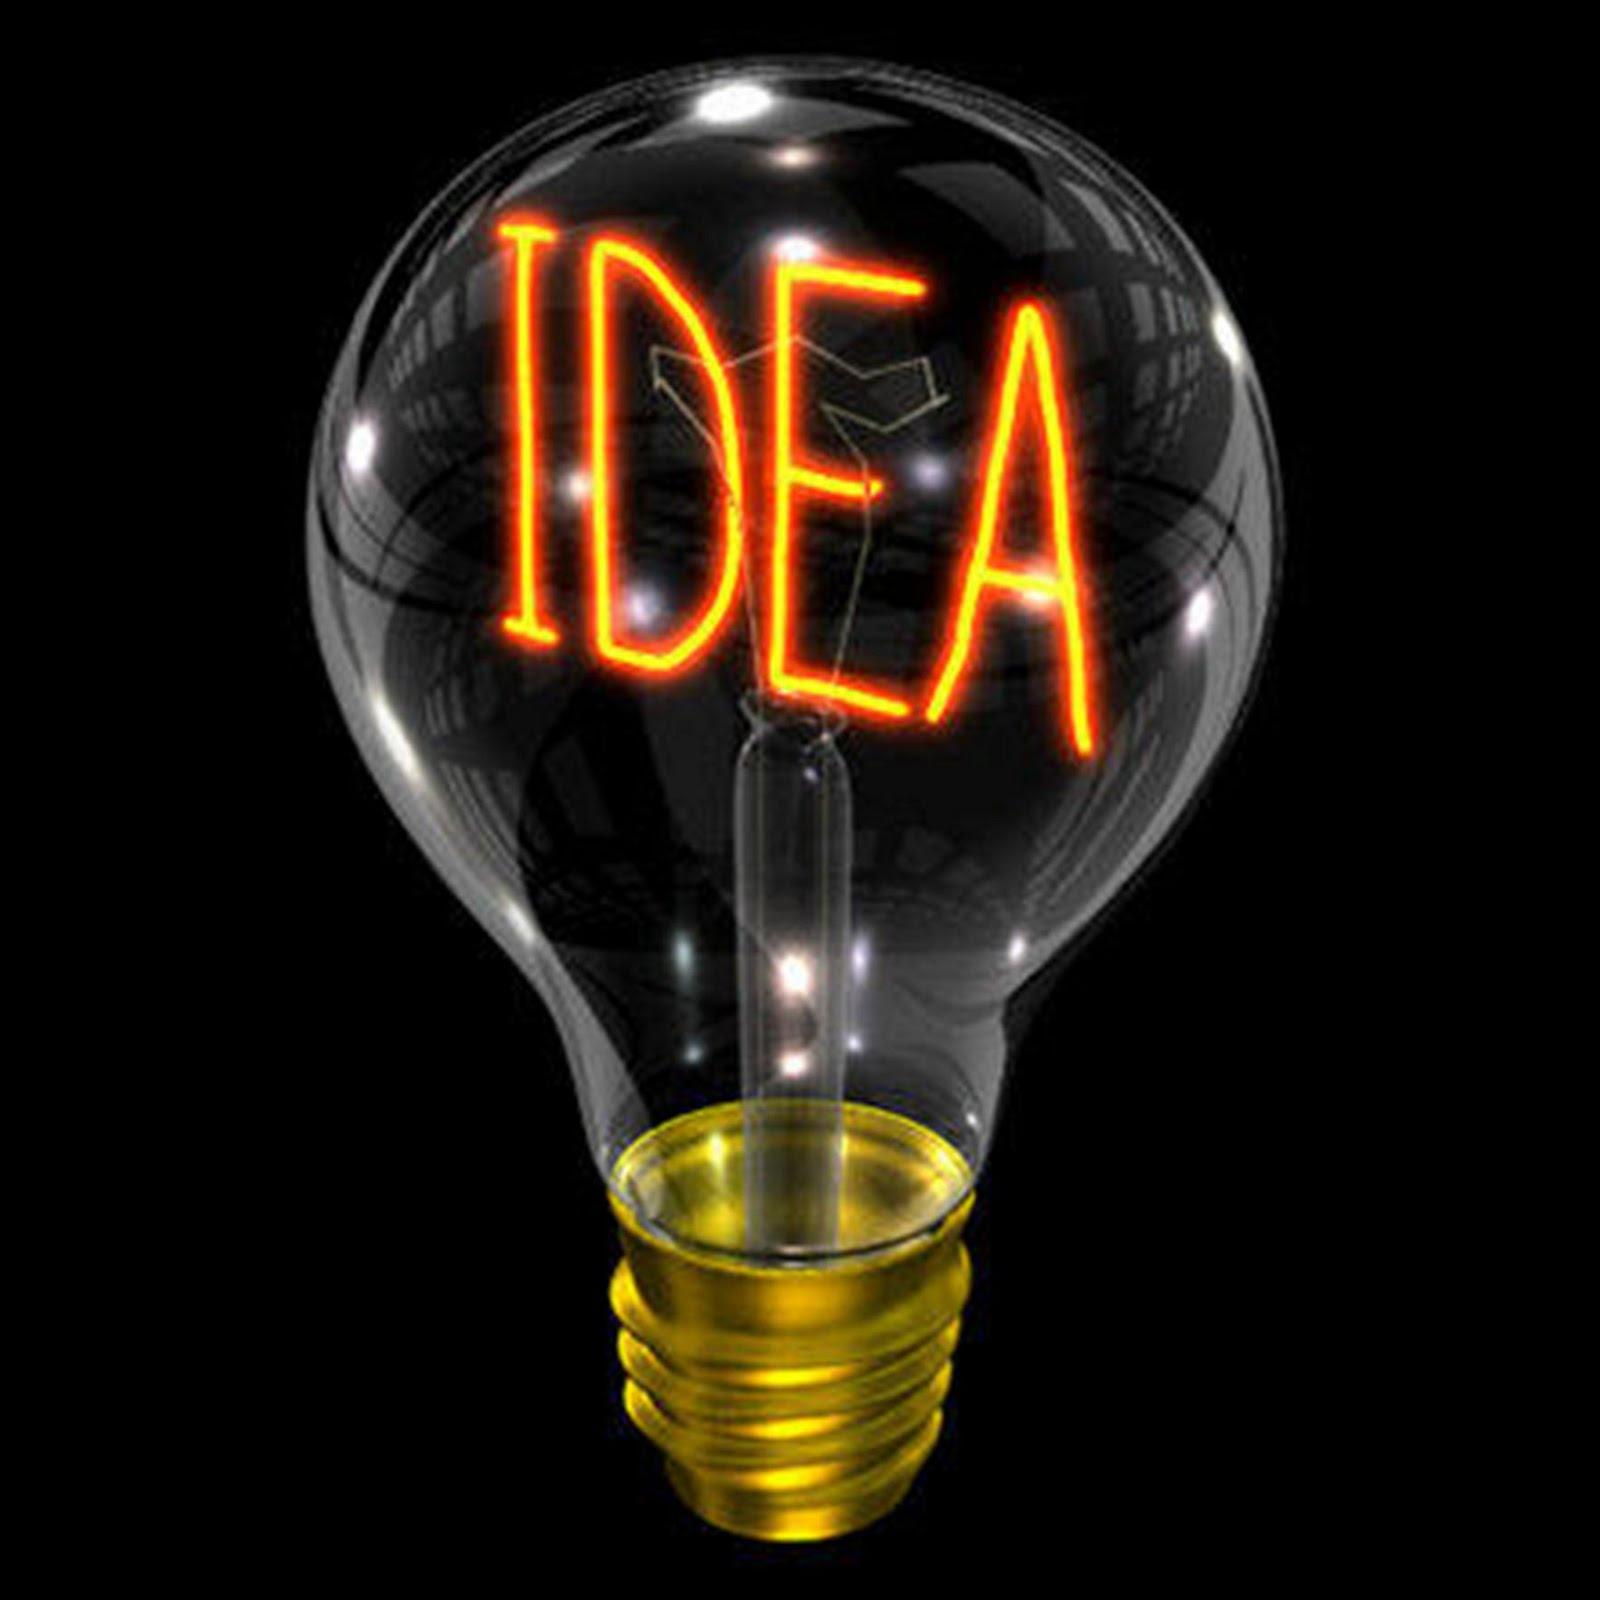 Idea Lightbulb Pix For  gt  Light Bulb IdeaIdea Light Bulb